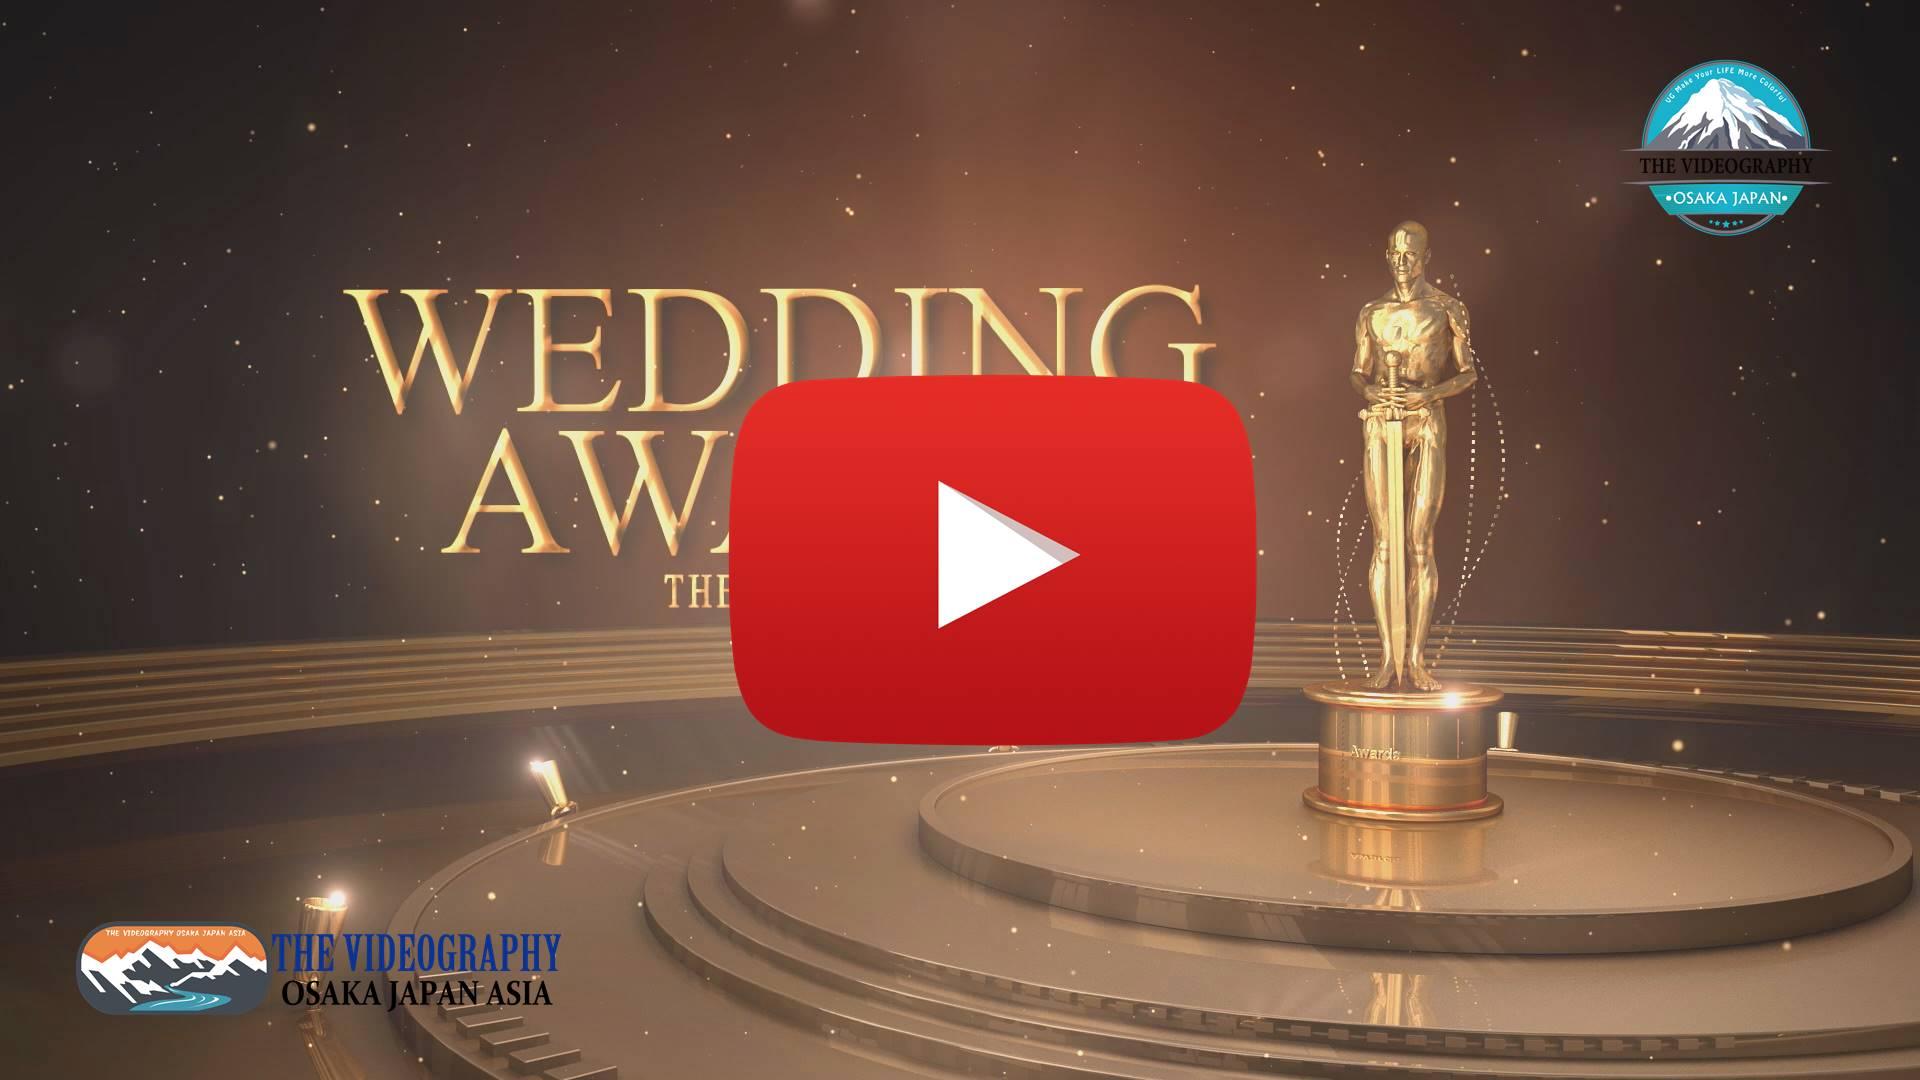 ハリウッドアカデミー賞スタイルの結婚式オープニングムービー